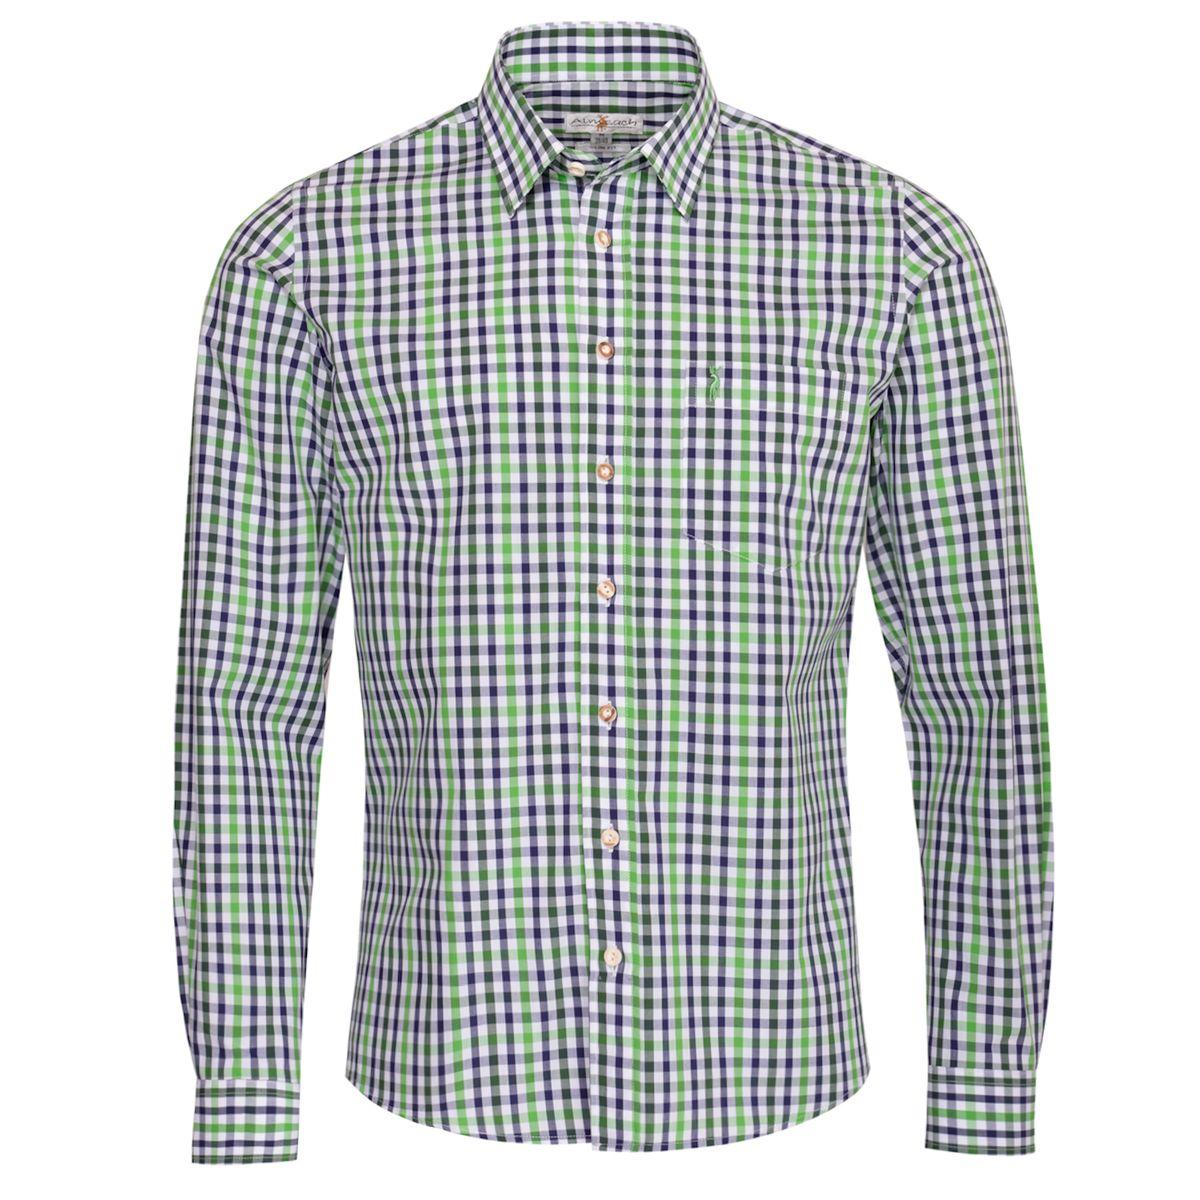 Trachtenhemd Dietrich Slim Fit zweifarbig in Hellgrün und Dunkelgrün von Almsach günstig online kaufen